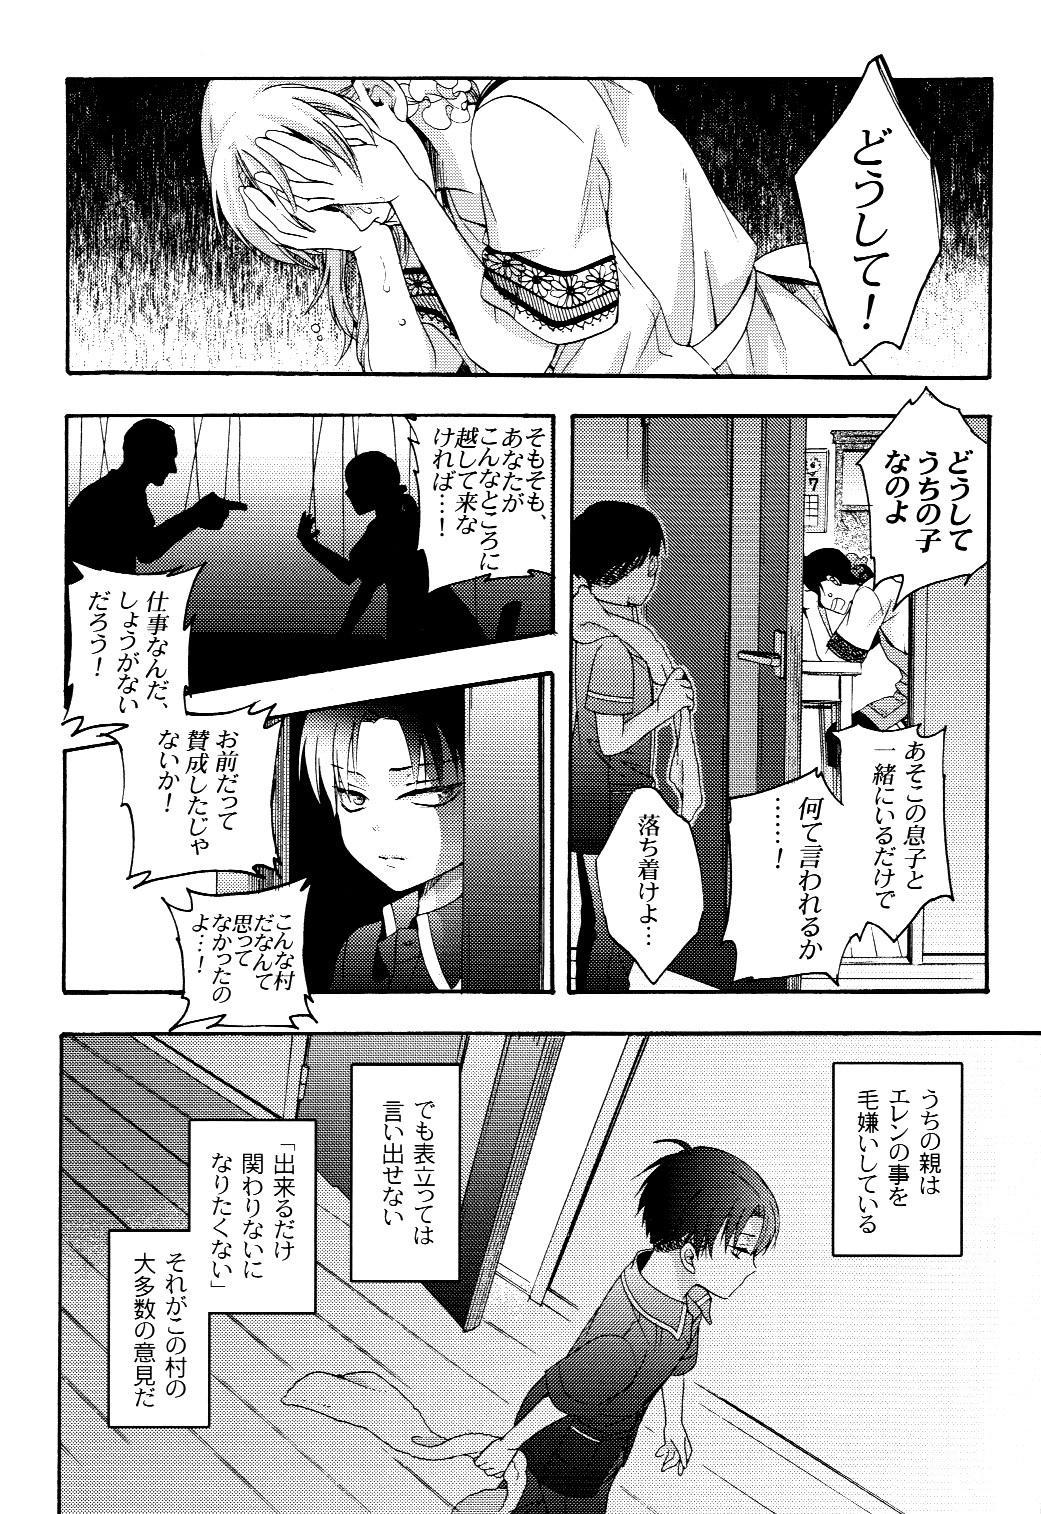 Himawari no Saku Fuyu 17